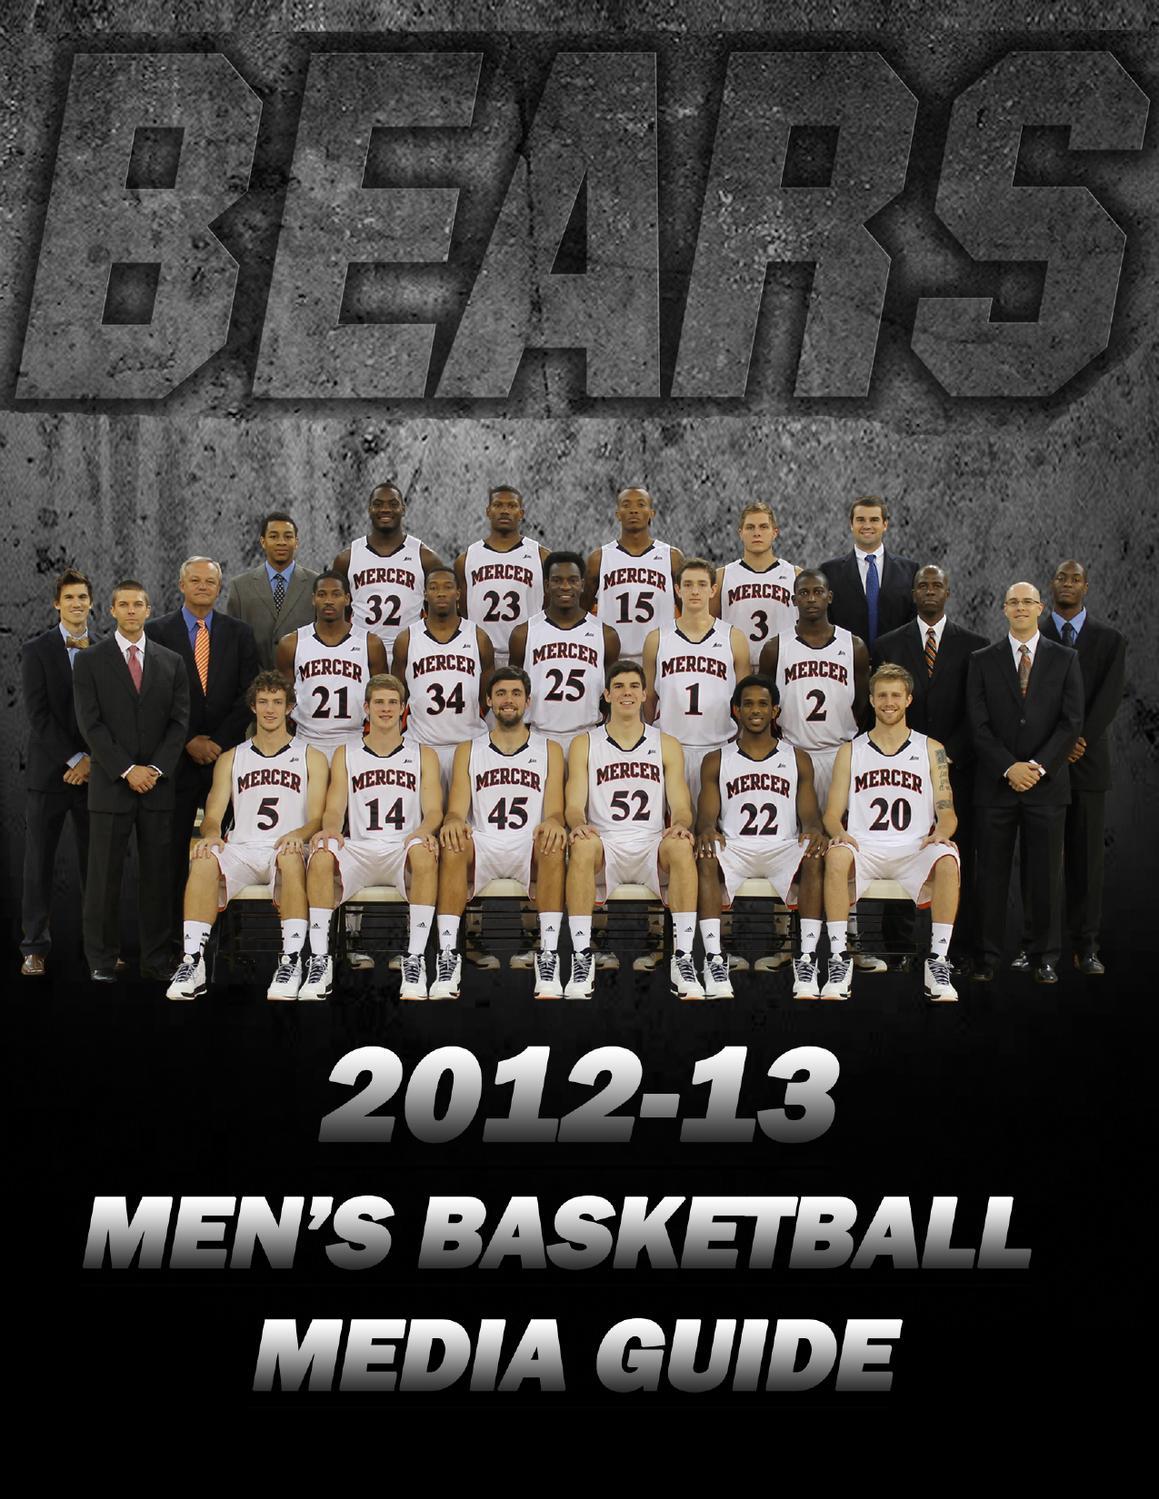 d9820e2d4 2012-13 Mercer Men s Basketball Media Guide by Andrew Stabell - issuu